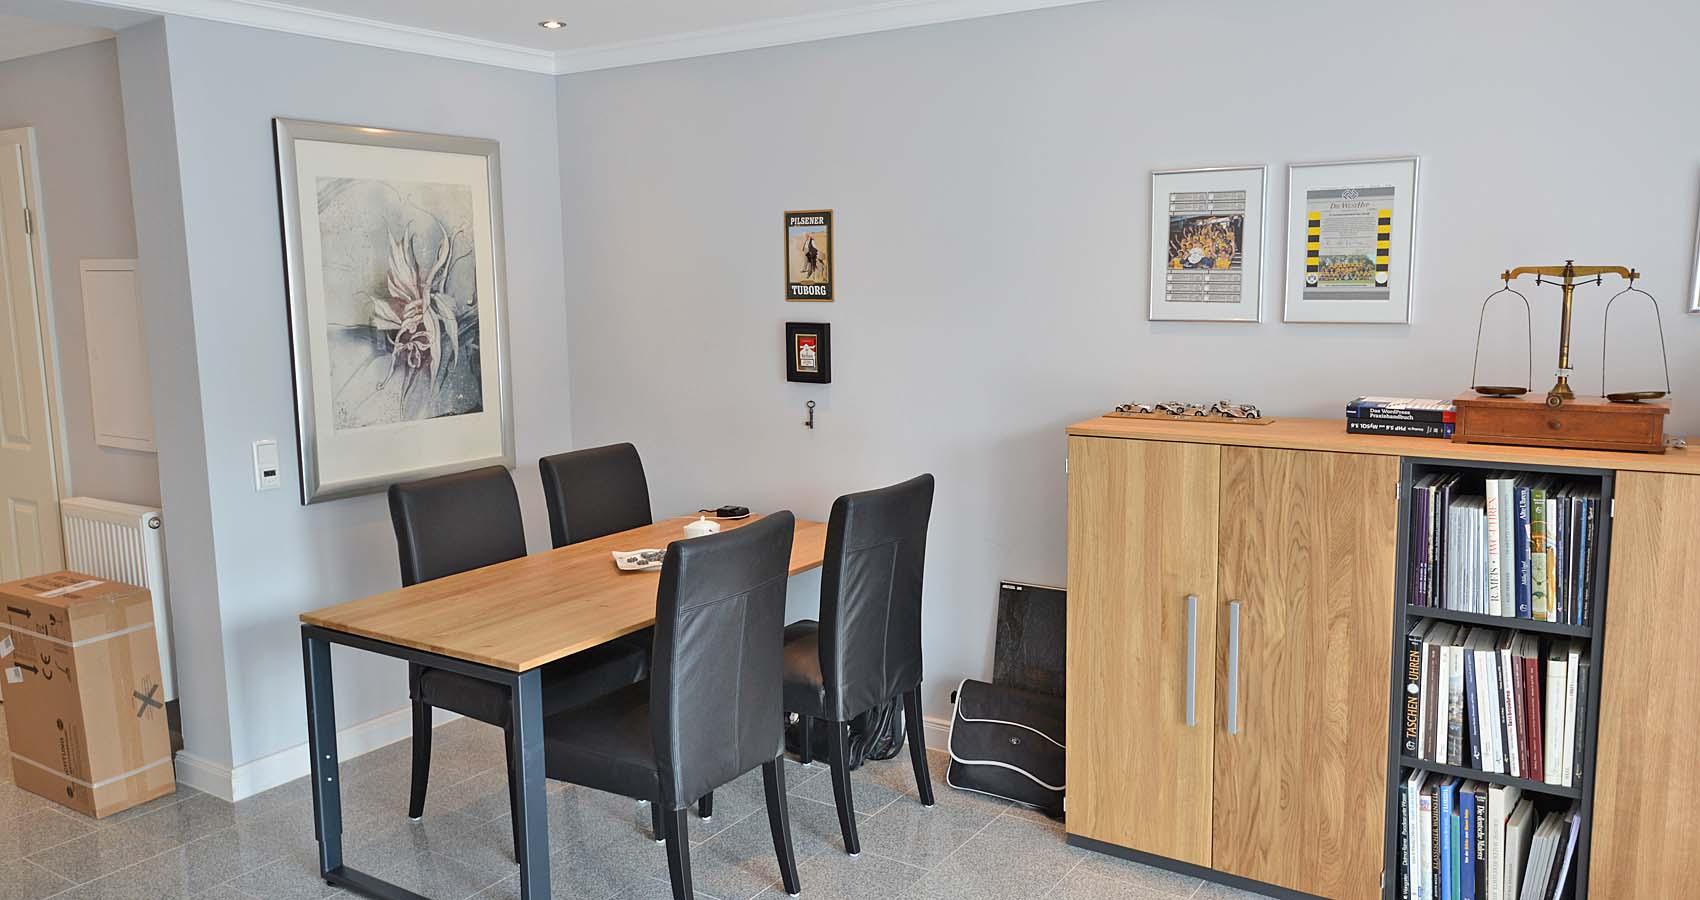 wohnzimmer dortmund large size of khles wohnzimmer wohnzimmer elvenbride khles wohnzimmer im. Black Bedroom Furniture Sets. Home Design Ideas